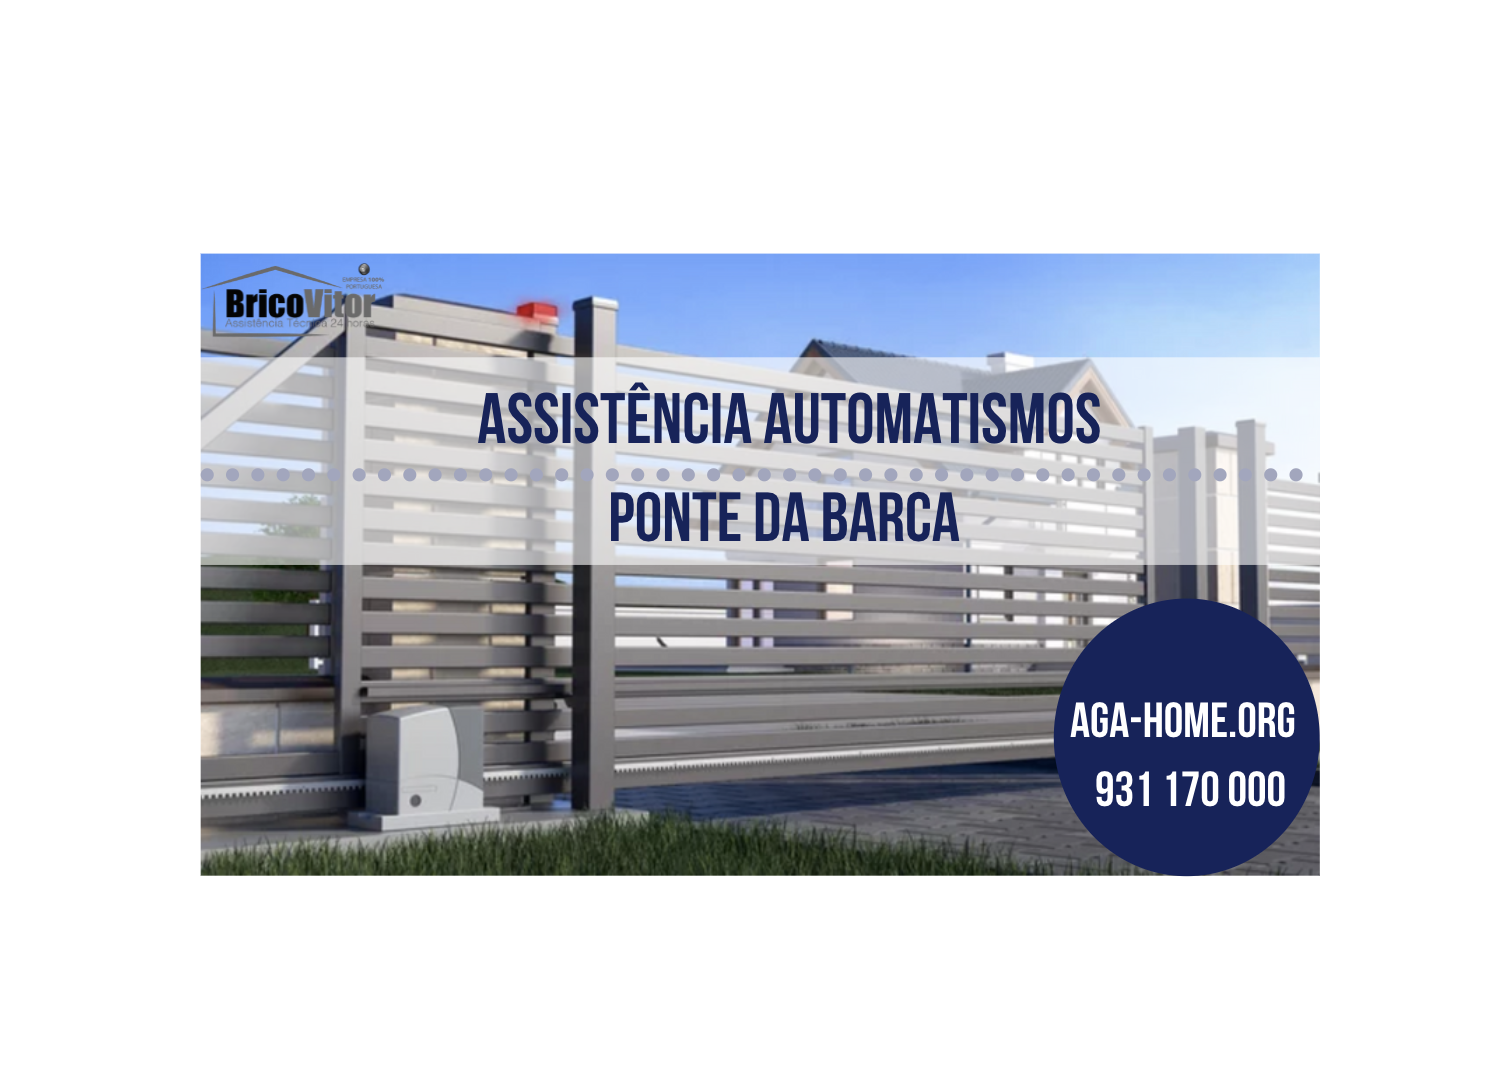 Assistência Automatismos Ponte da Barca